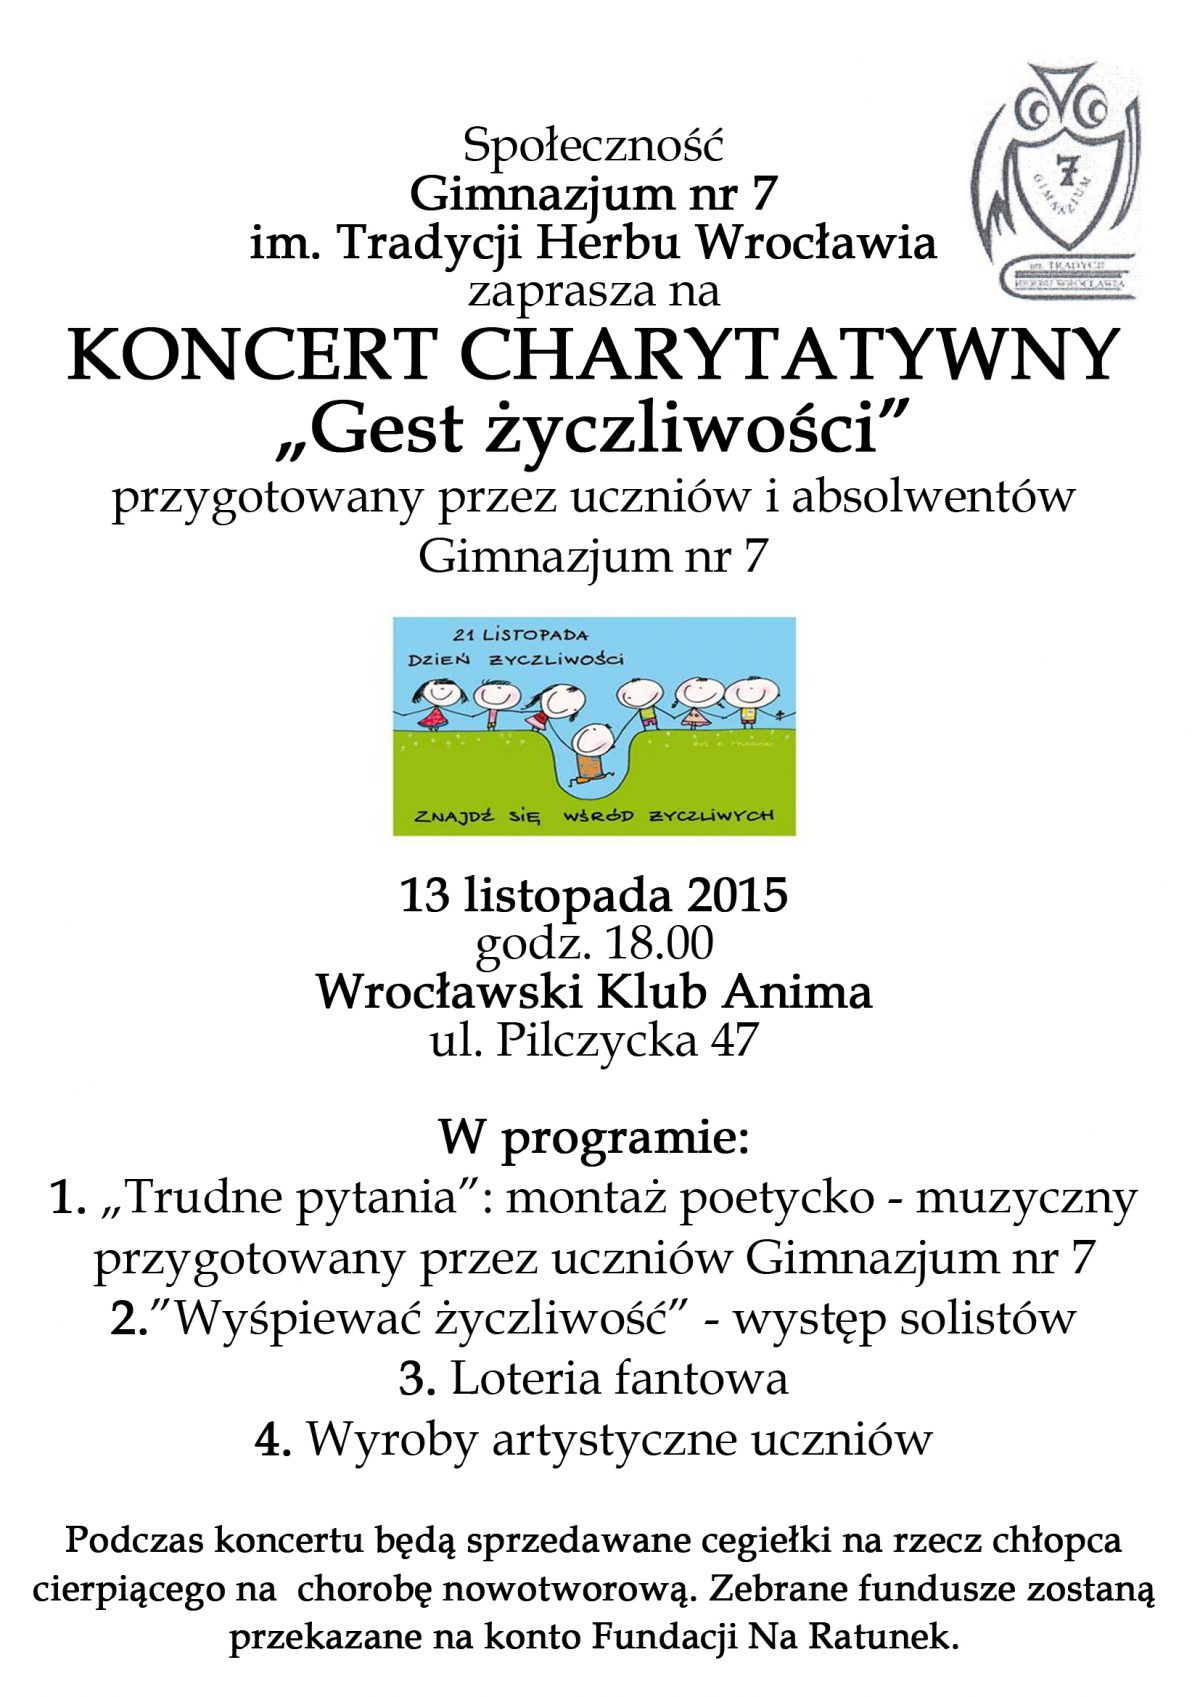 Koncert Charytatywny